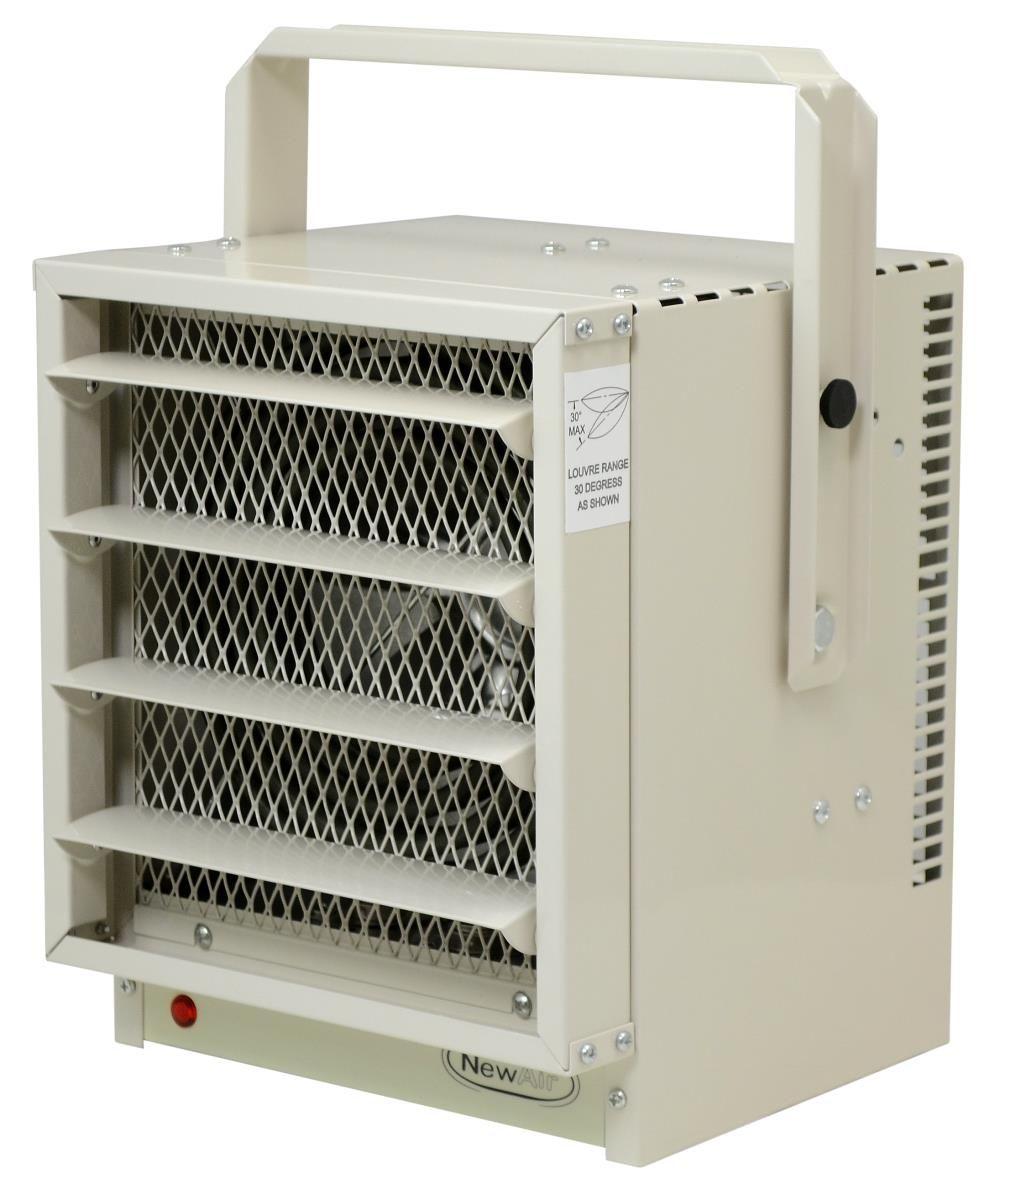 Heavy Duty Electric Heater Basement  sc 1 st  Pinterest & Heavy Duty Electric Heater Basement | http://dreamtree.us | Pinterest